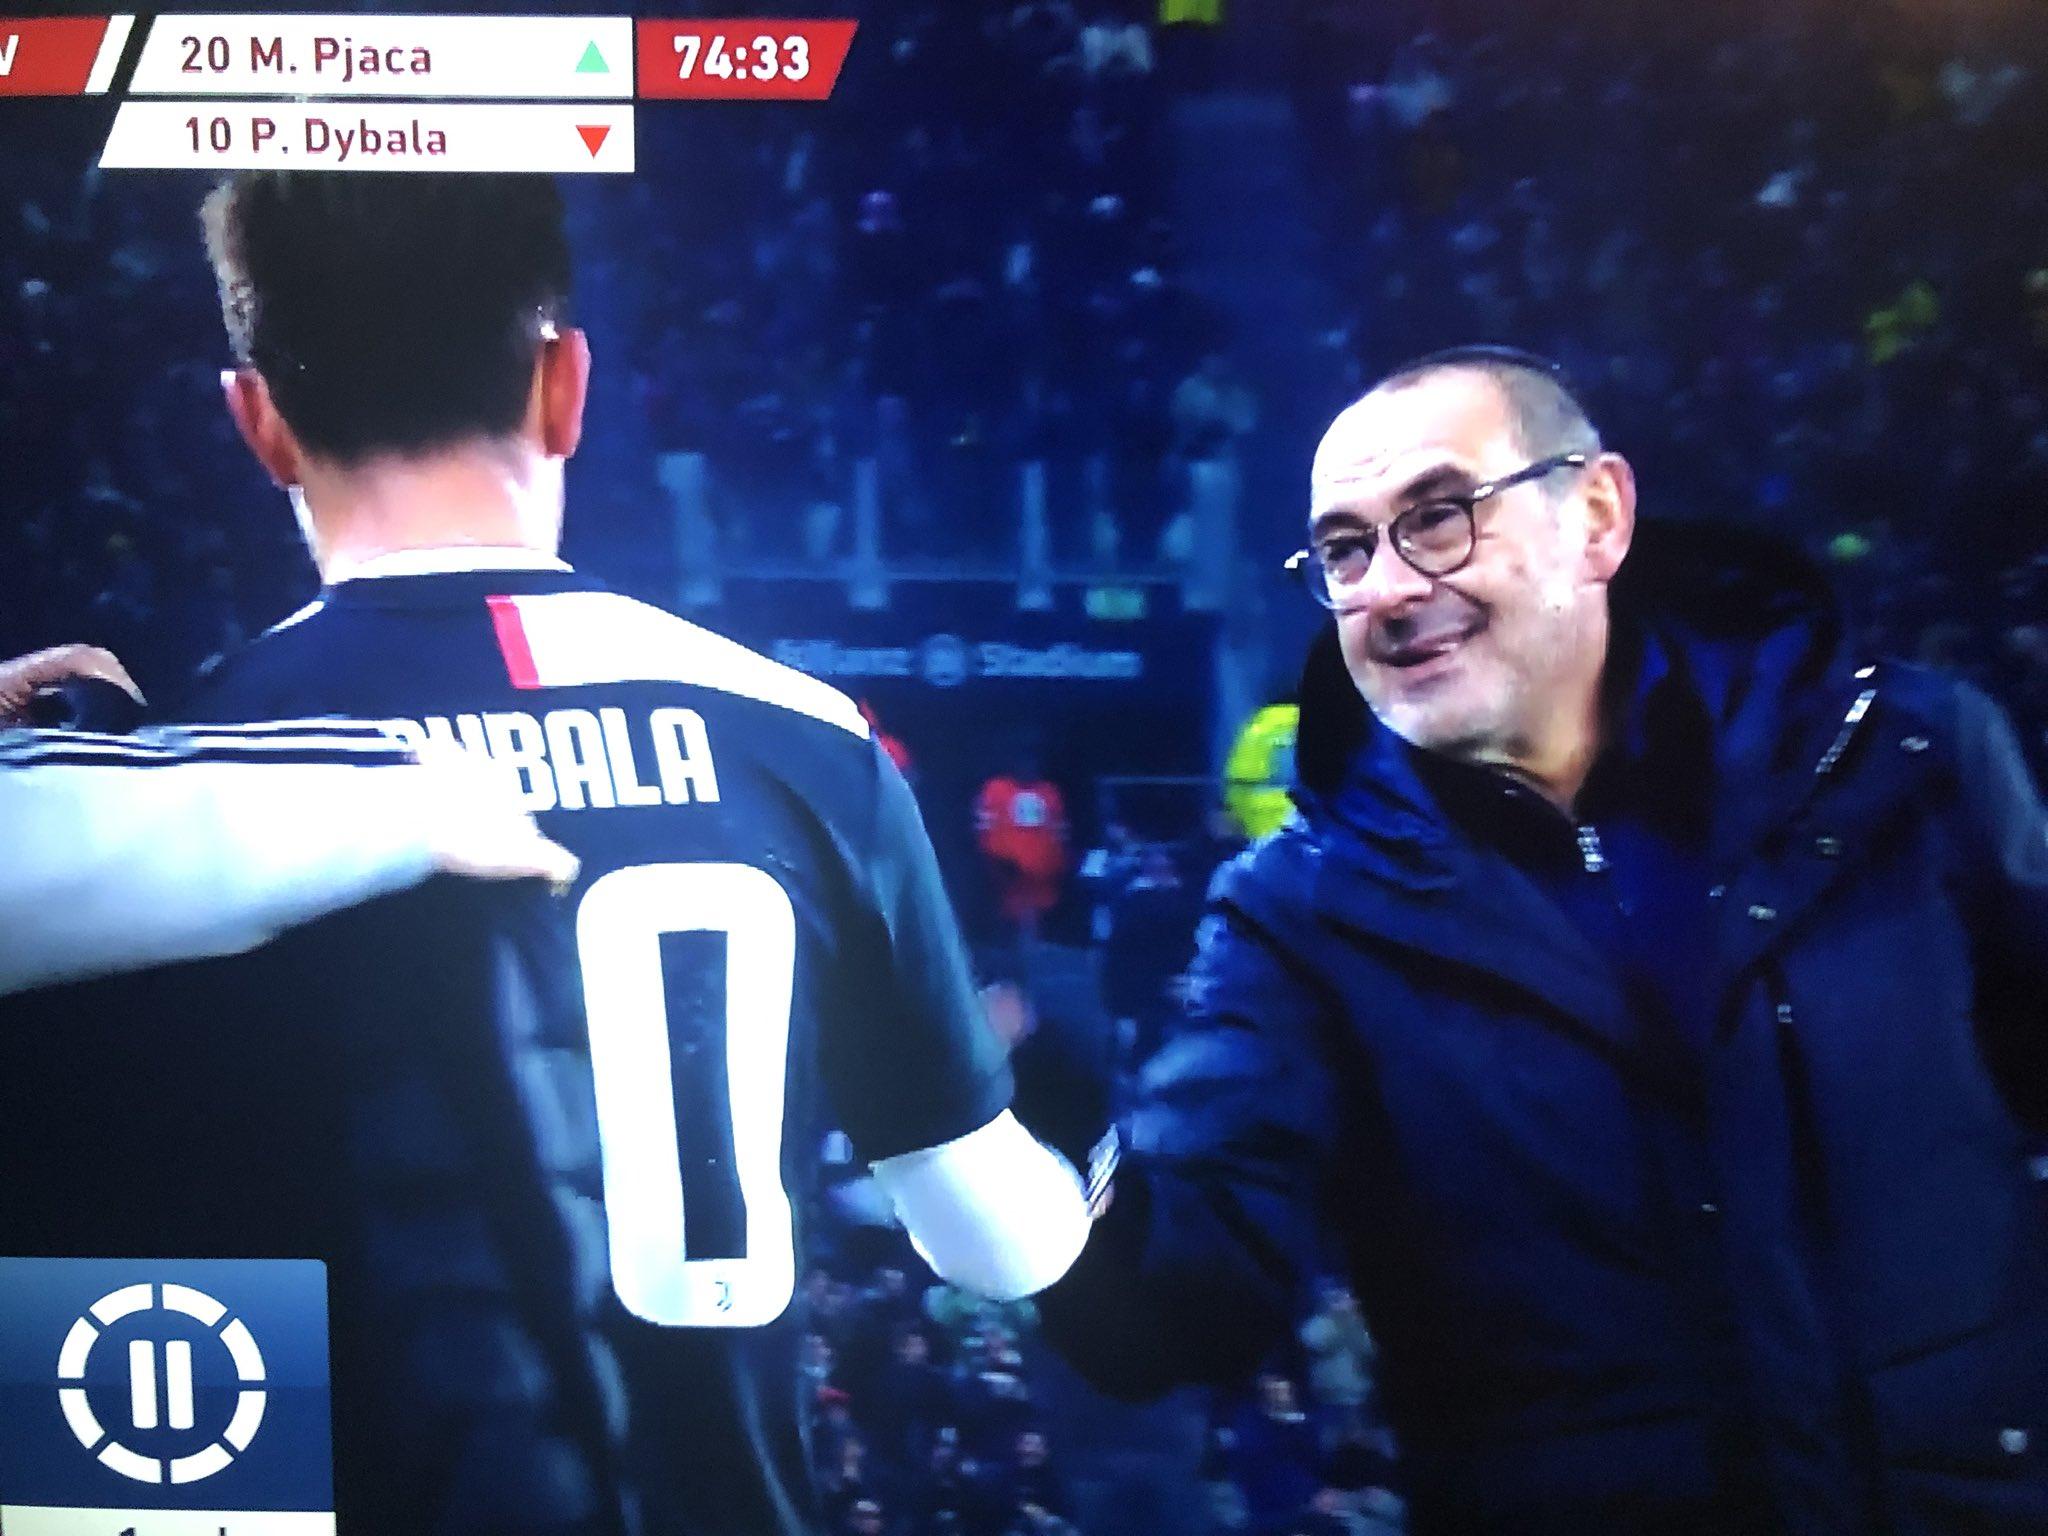 FOTO – Sarri cambia Dybala e va da lui dopo la lite dell'Olimpico, poi reagisce così